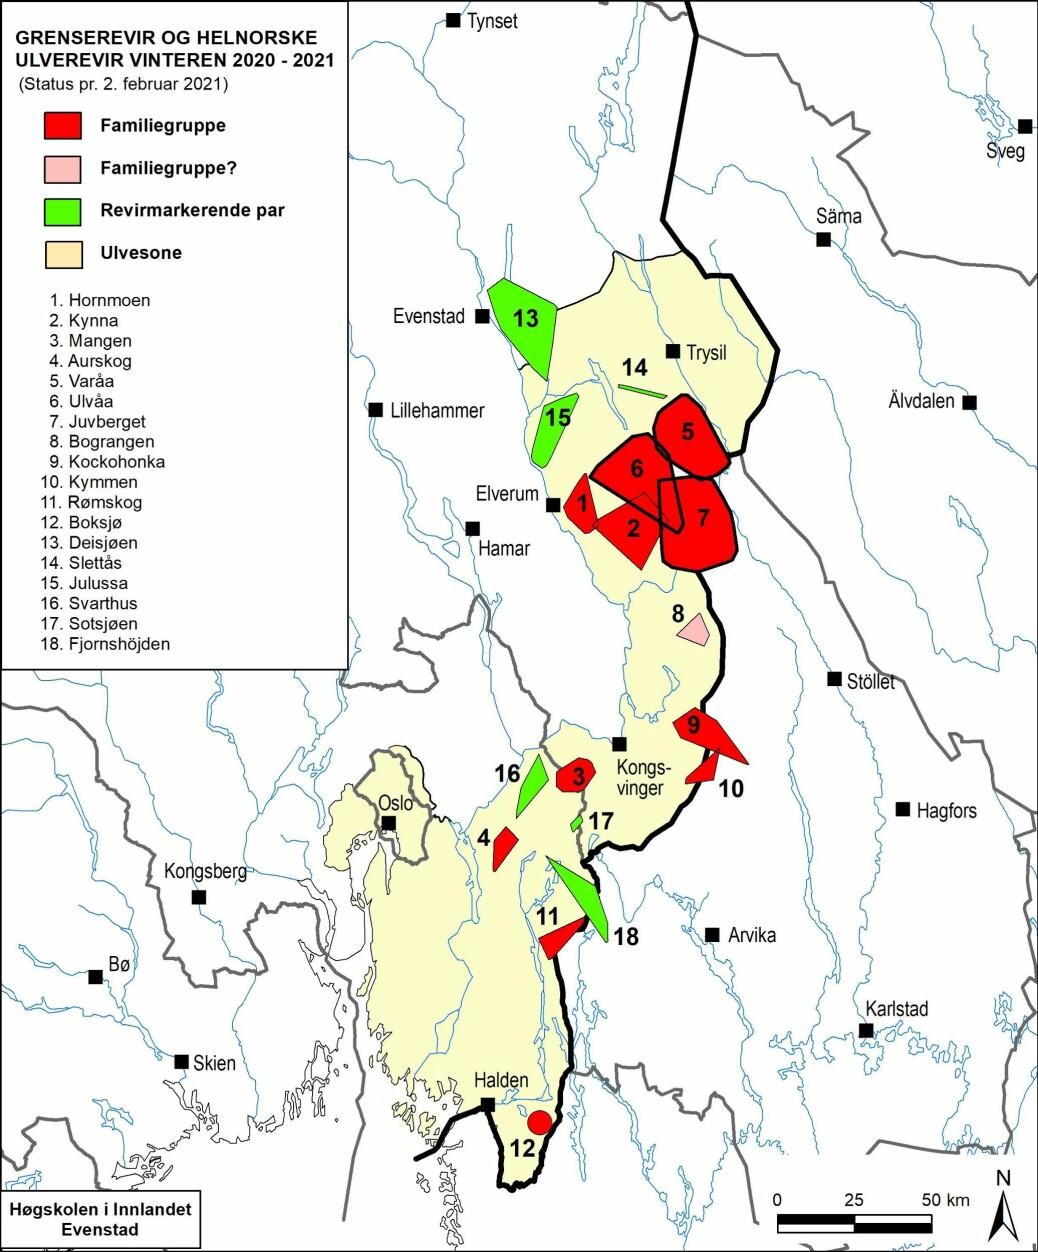 Utbredelse av helnorske og svensk-norske ulverevir som foreløpig er kartlagt per 2. februar vinteren 2020–2021. De oppgitte revirgrenser er minimumsgrenser. Sirkel angir revir med utilstrekkelig informasjon om revirgrenser.